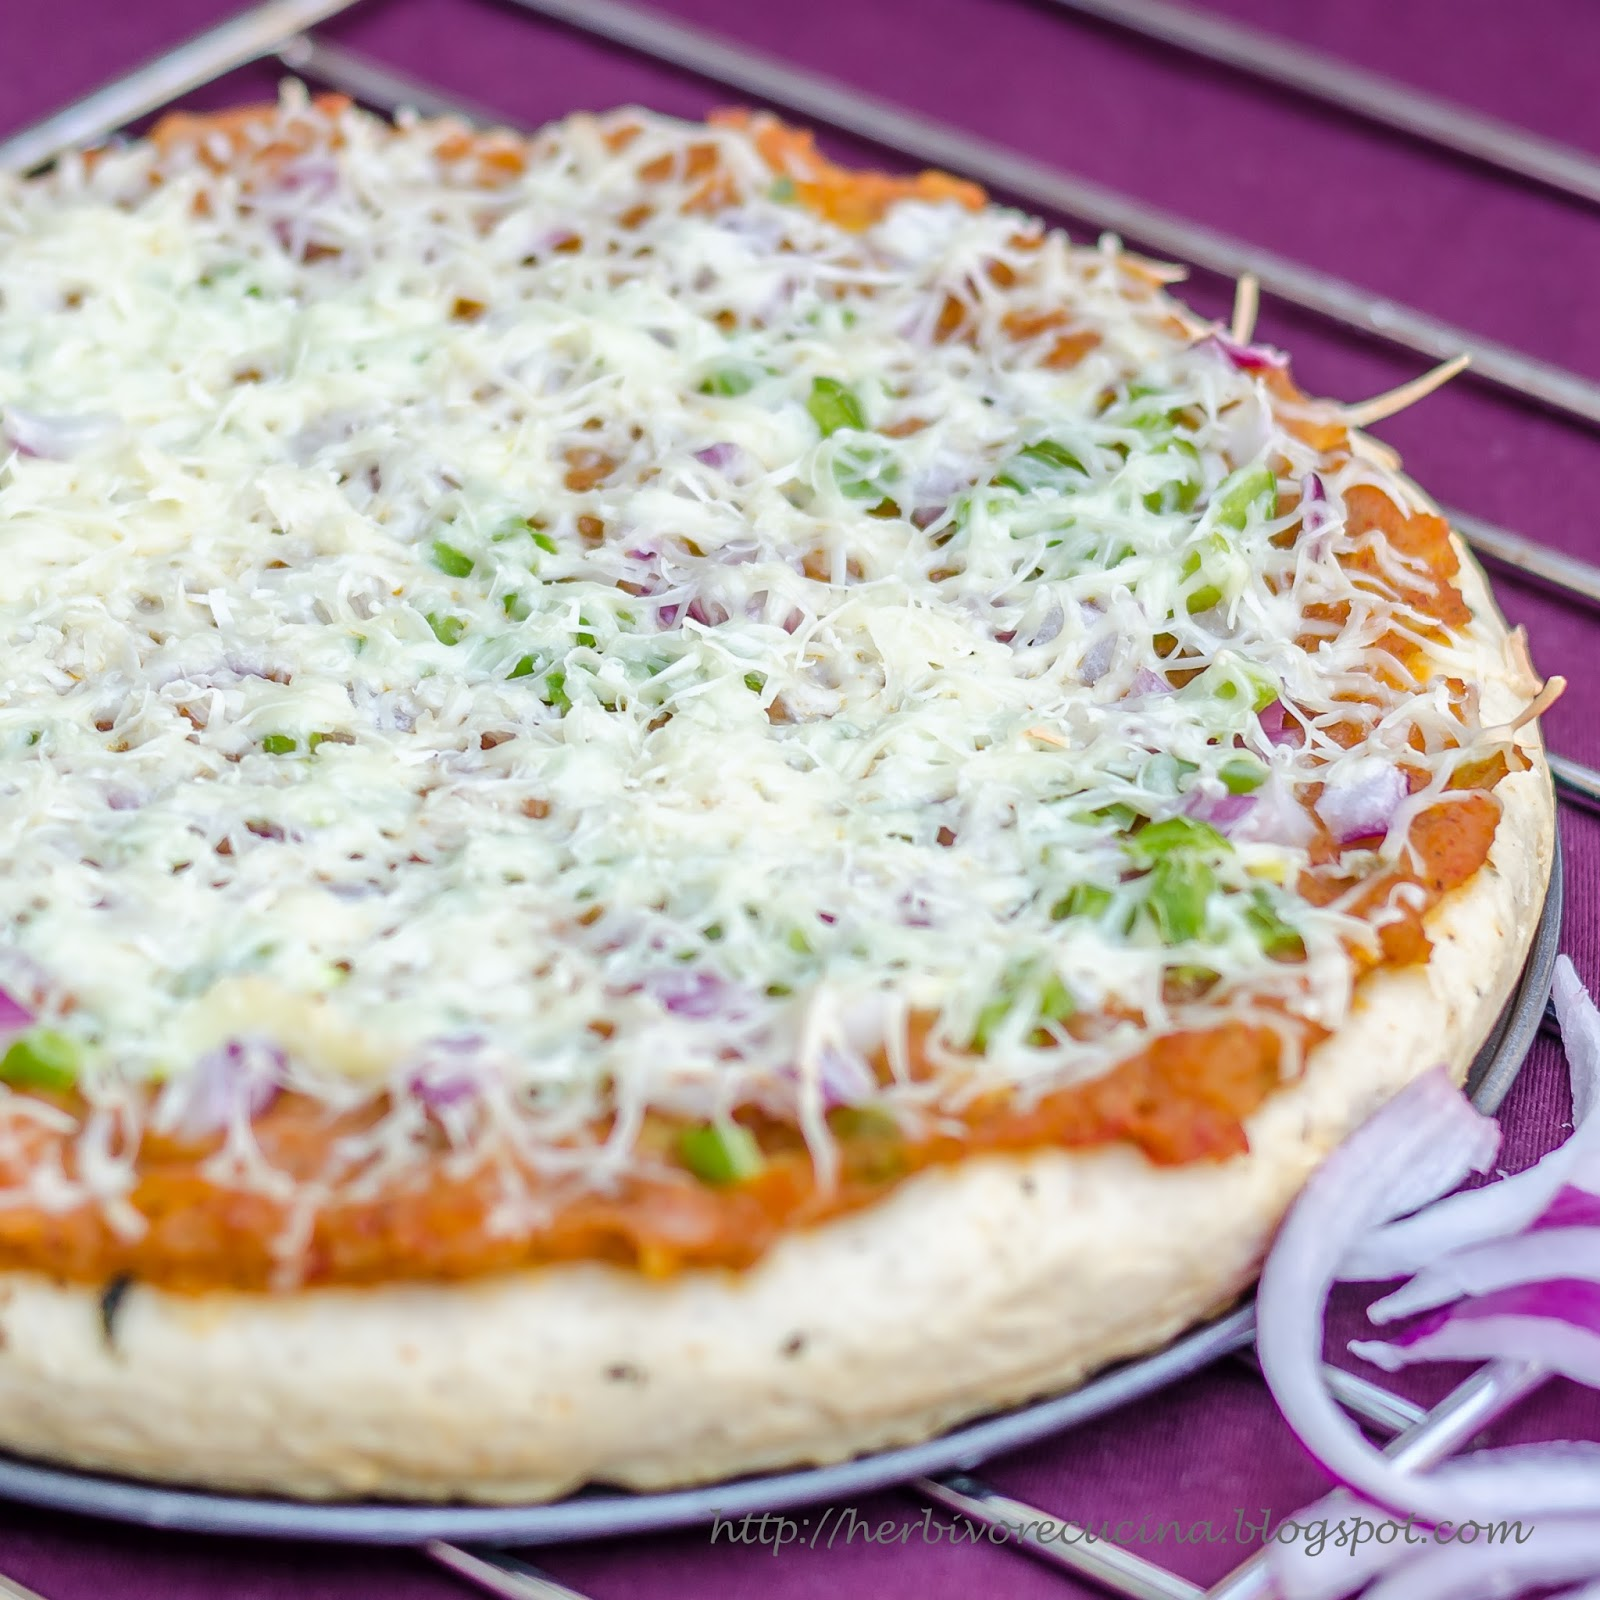 Herbivore Cucina: Pav Bhaji Pizza